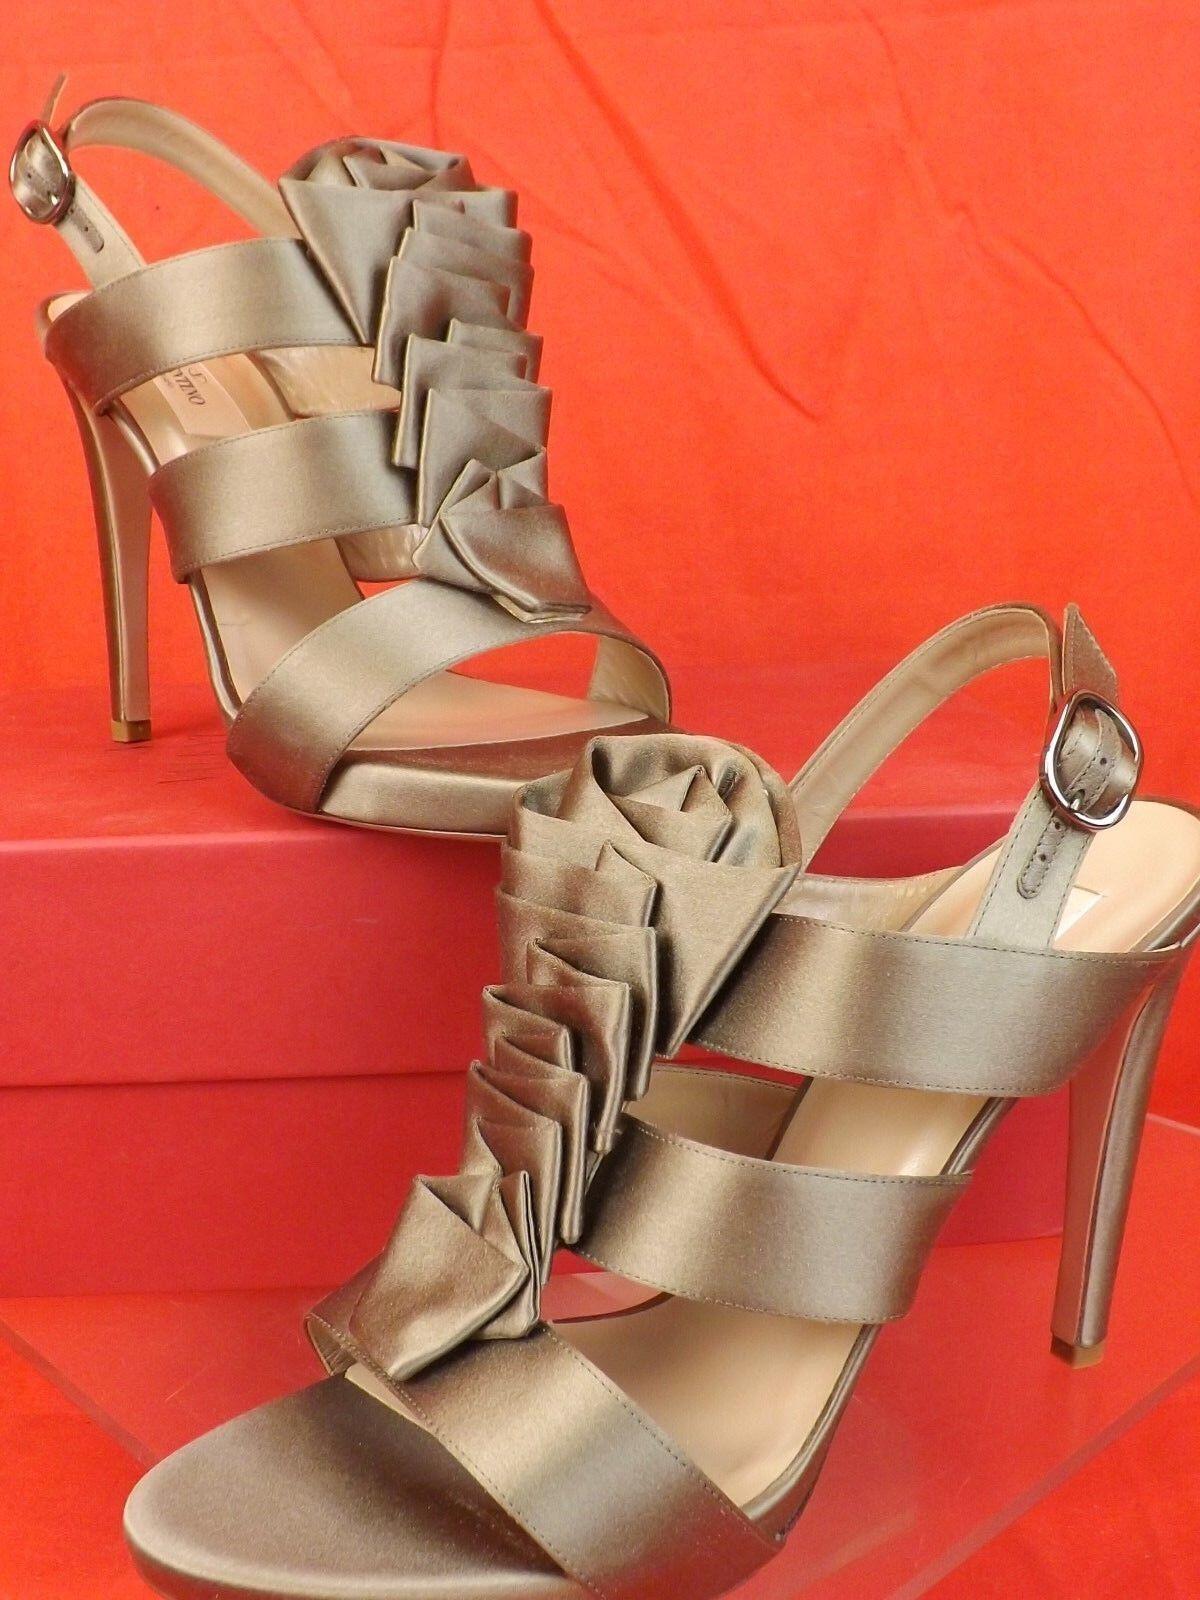 Nuevo En Caja Valentino Marrón Topo Raso Fruncido En Tiras Tiras Tiras Charol Sandalias De Plataforma Zapatos De Salón 40  Hay más marcas de productos de alta calidad.